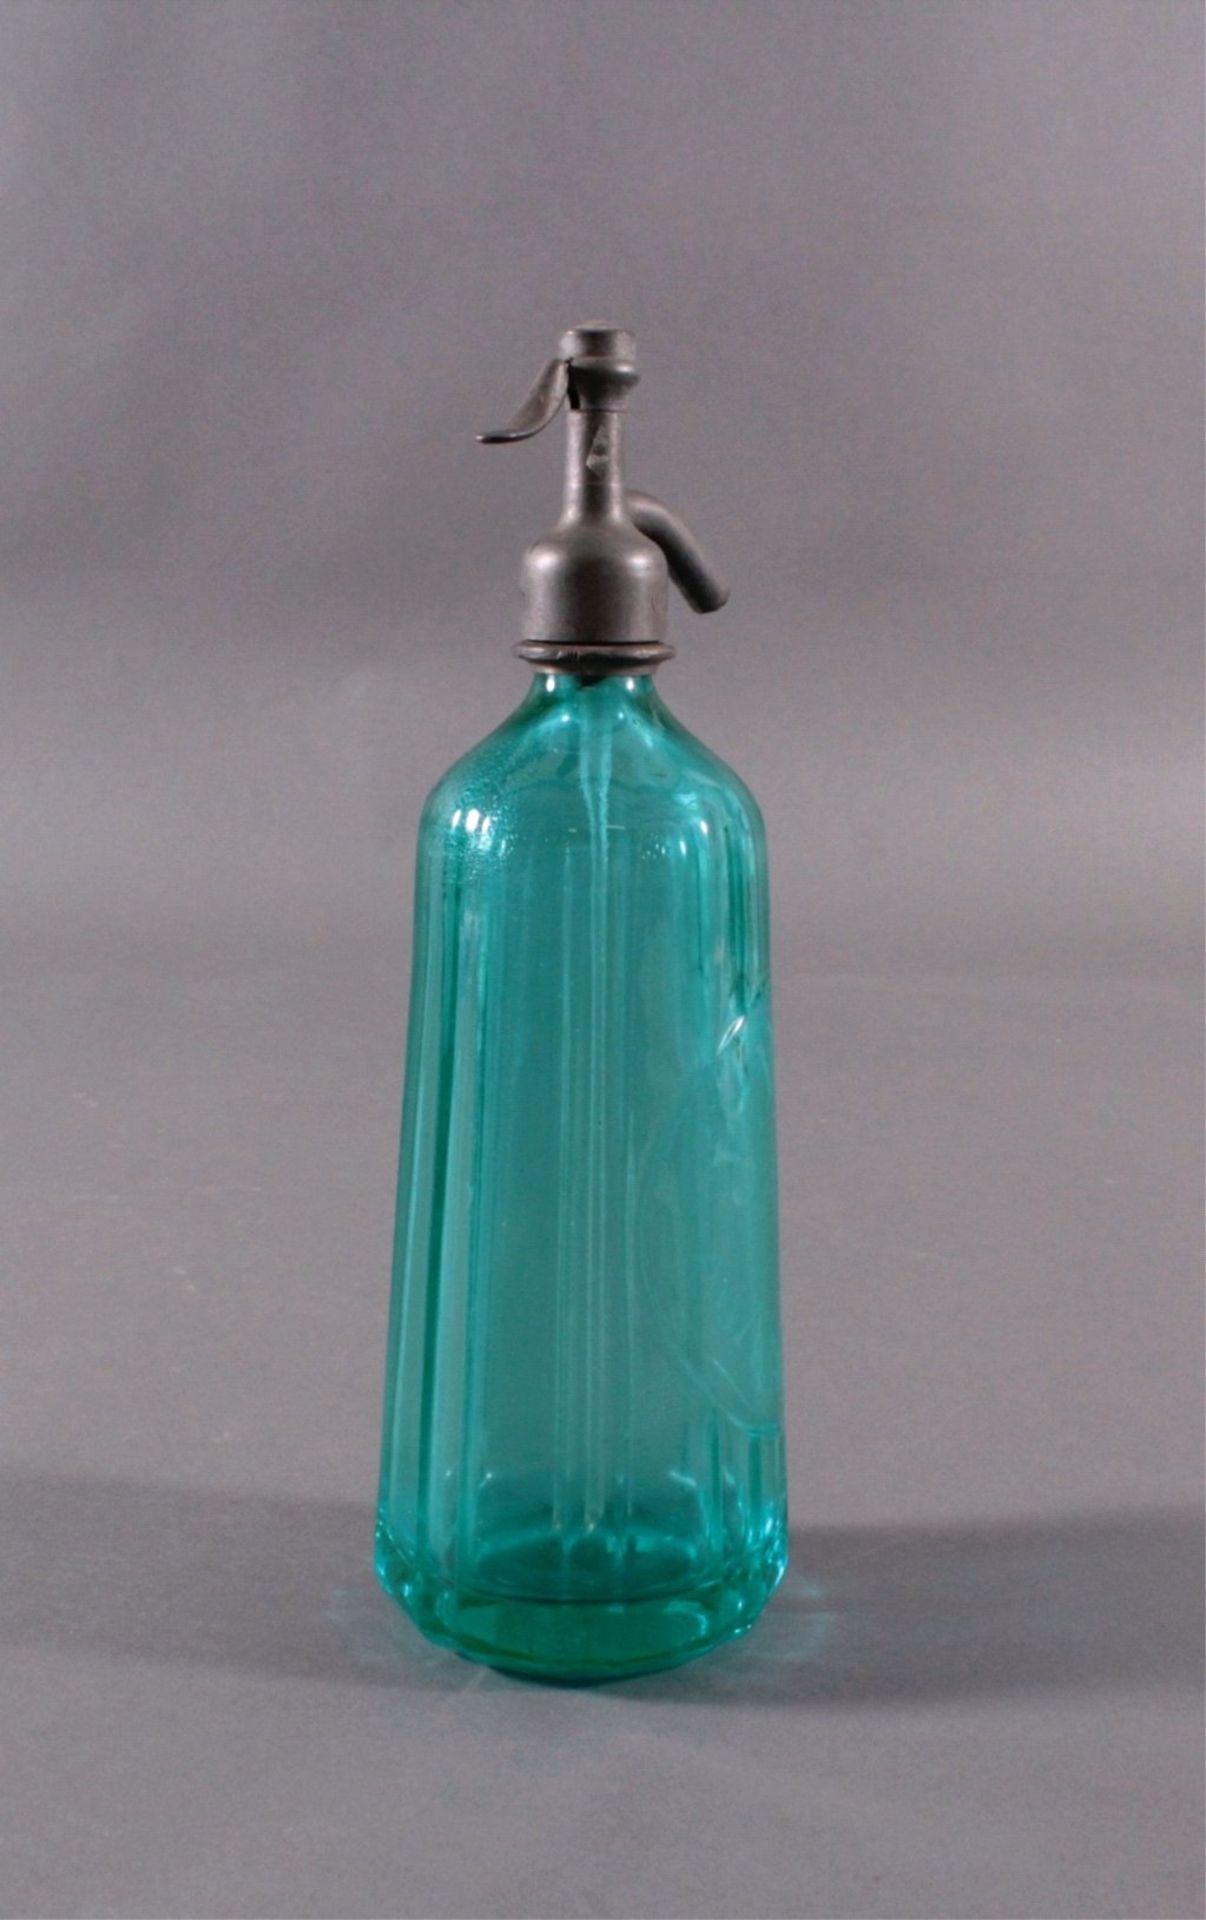 Soda - Flasche aus den 20er/30er JahrenKristall blau, gerippte, konisch nach oben verjüngendeWandung - Bild 2 aus 5